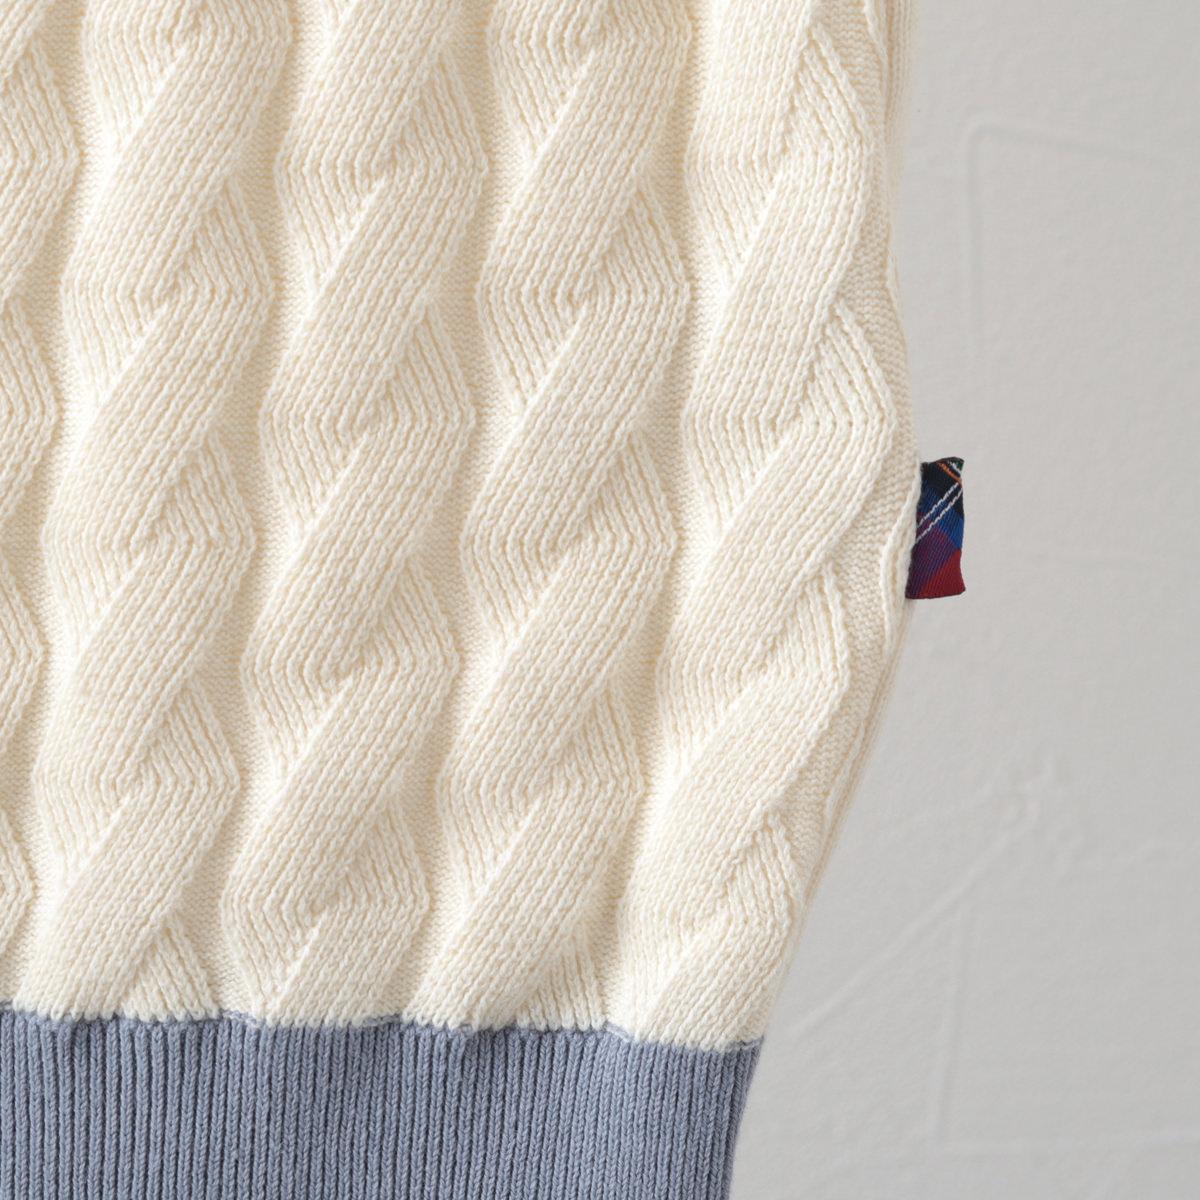 メルクロンドン メンズ ポロシャツ ポロ ケーブルニット 2色 シーグリーン アイボリー Merc London モッズファッション